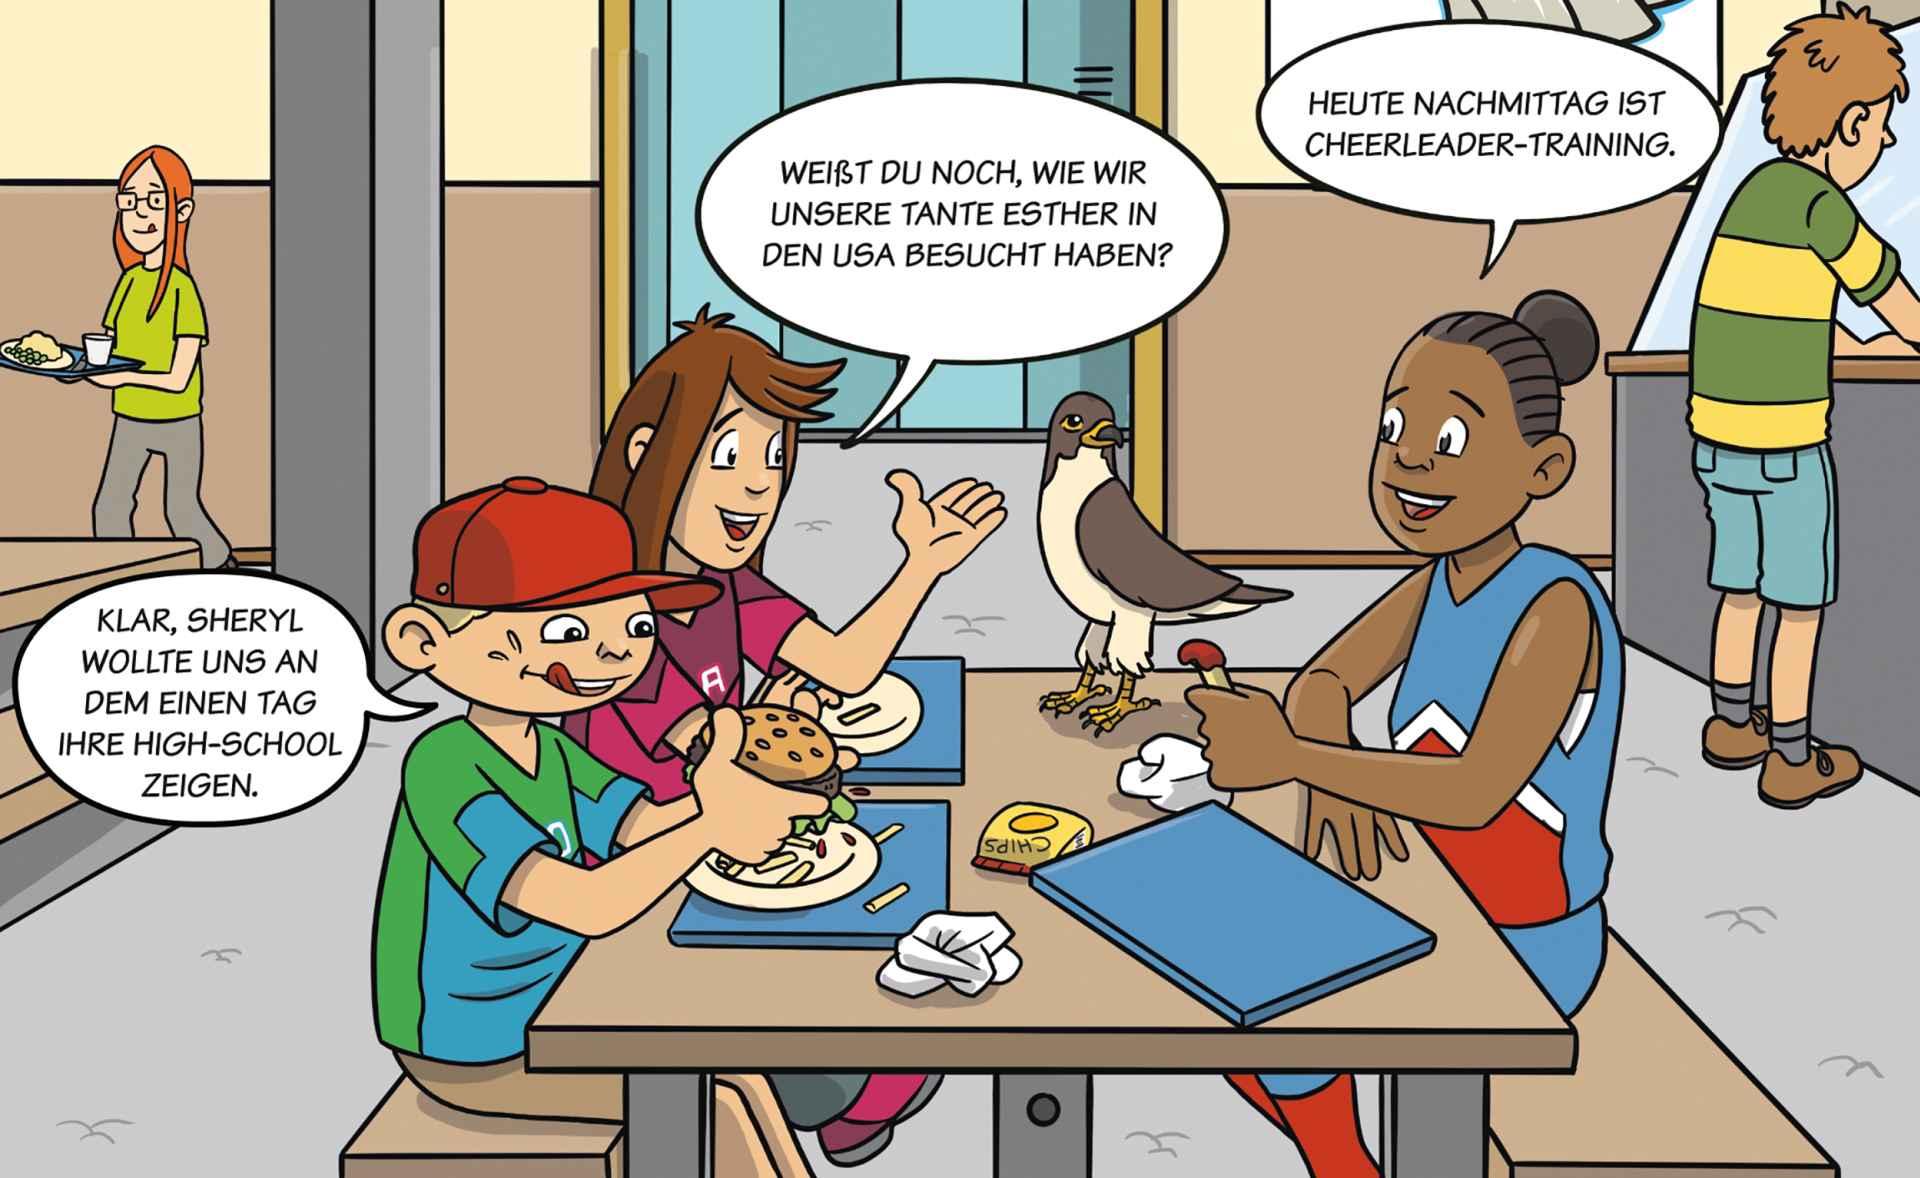 bild_1_cafeteria